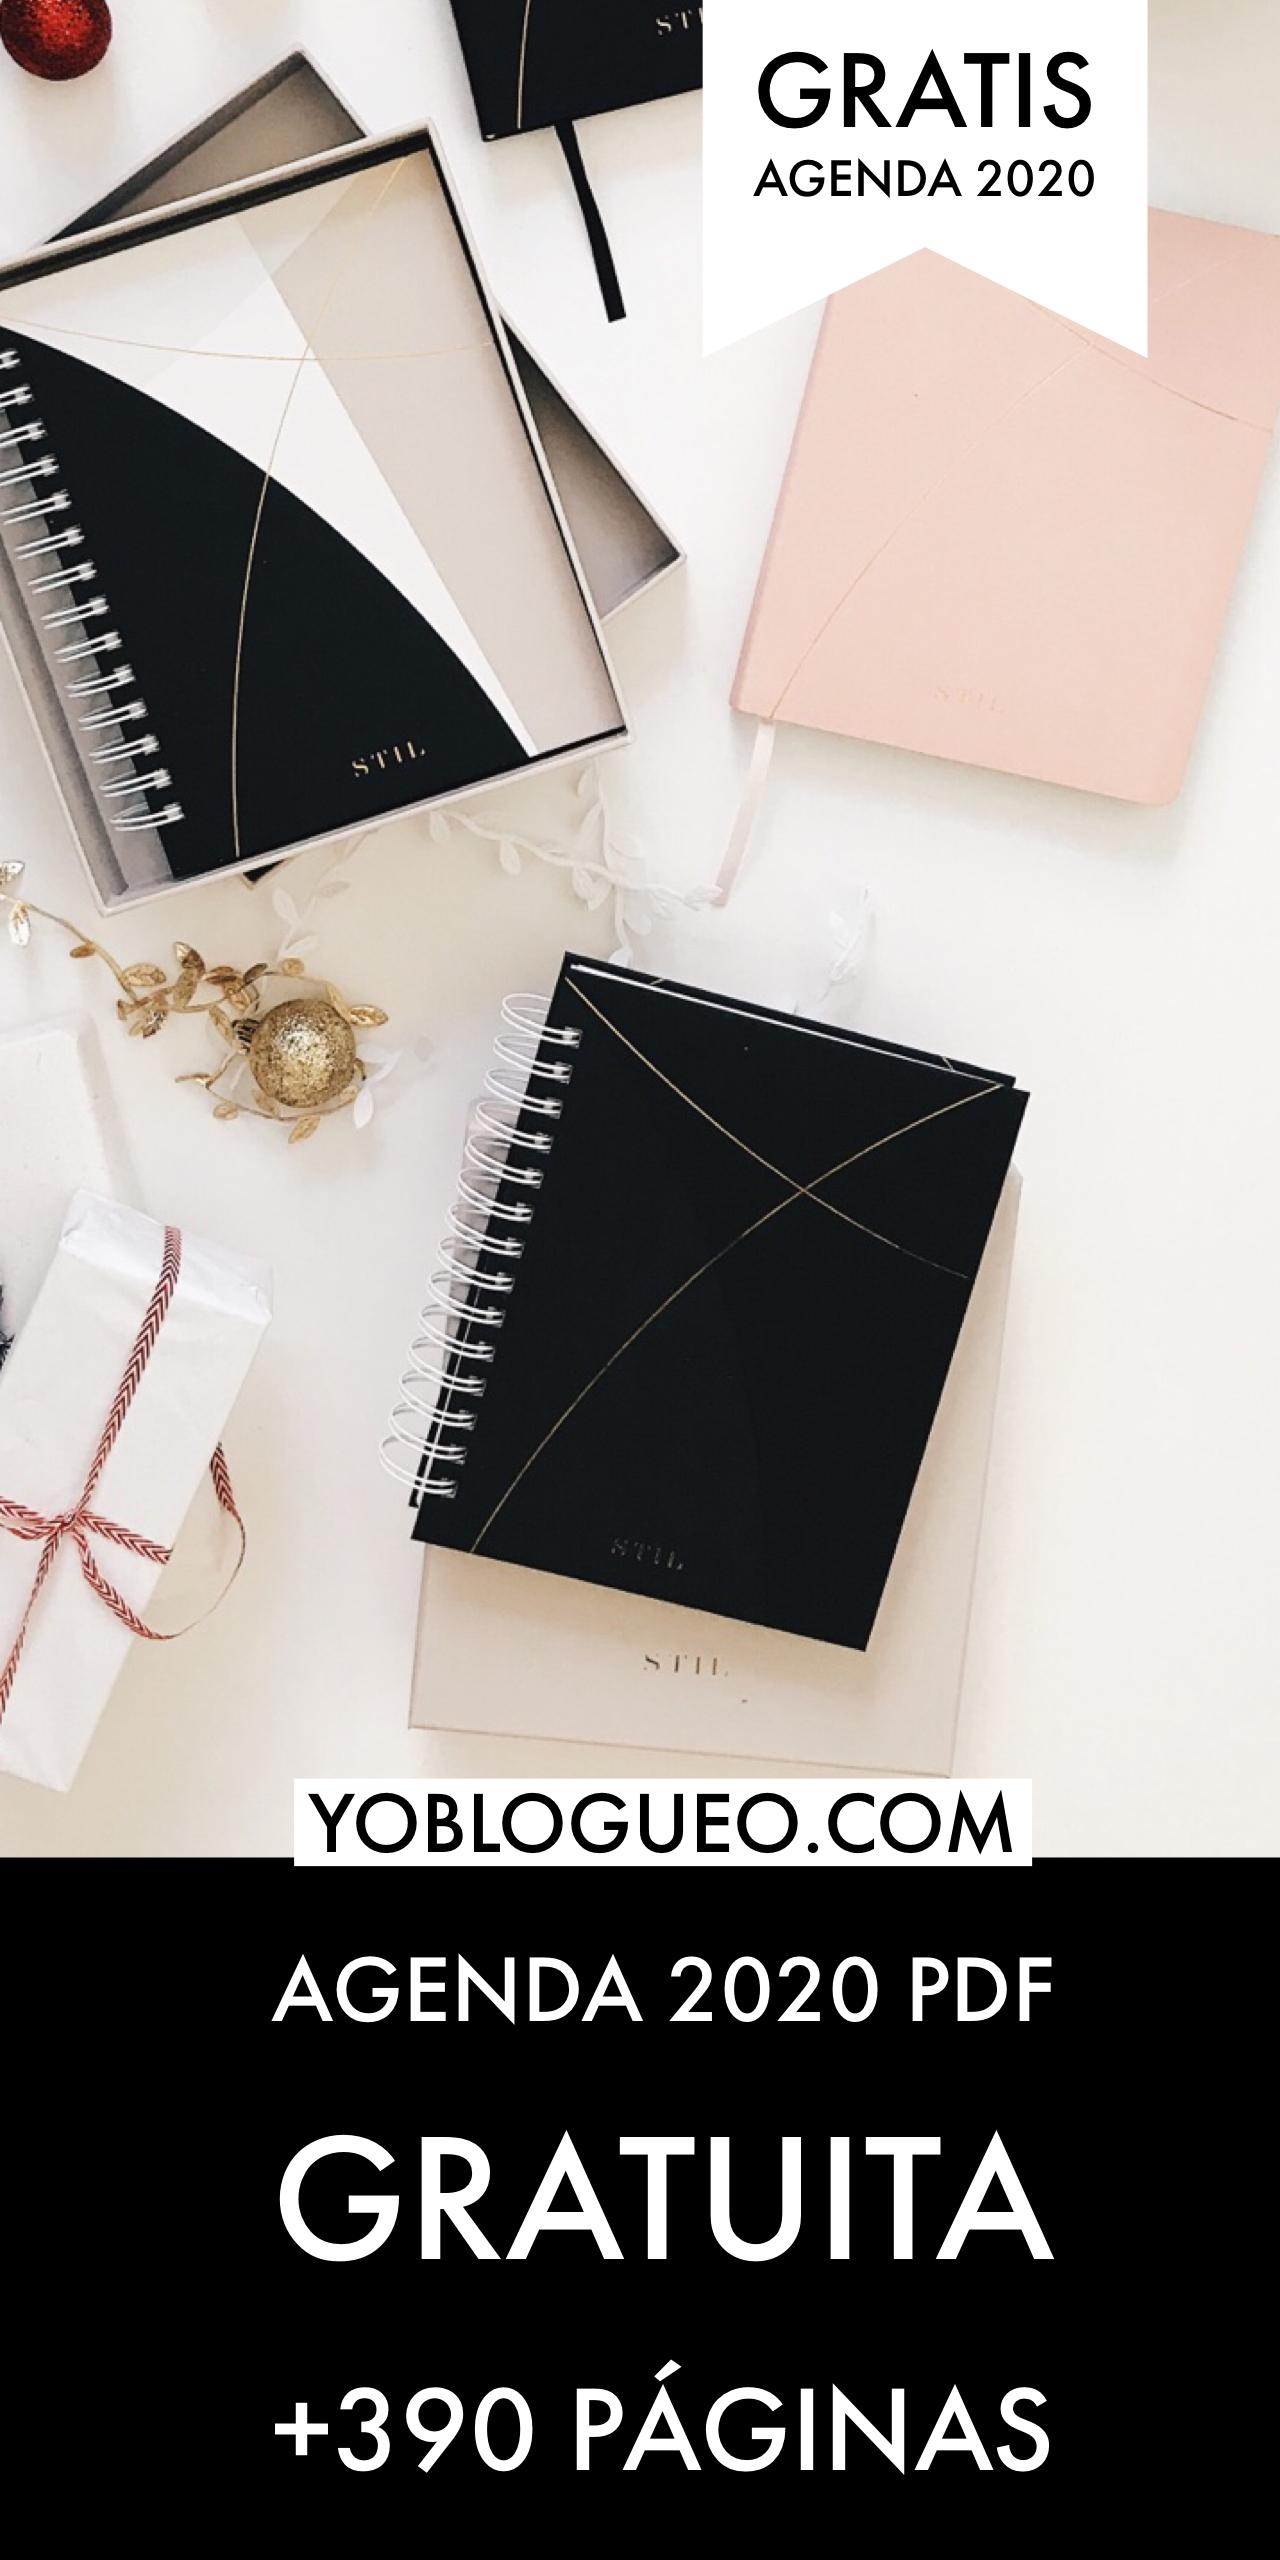 Agenda 2020 Imprimible Gratis Con Más De 390 Páginas | Yo